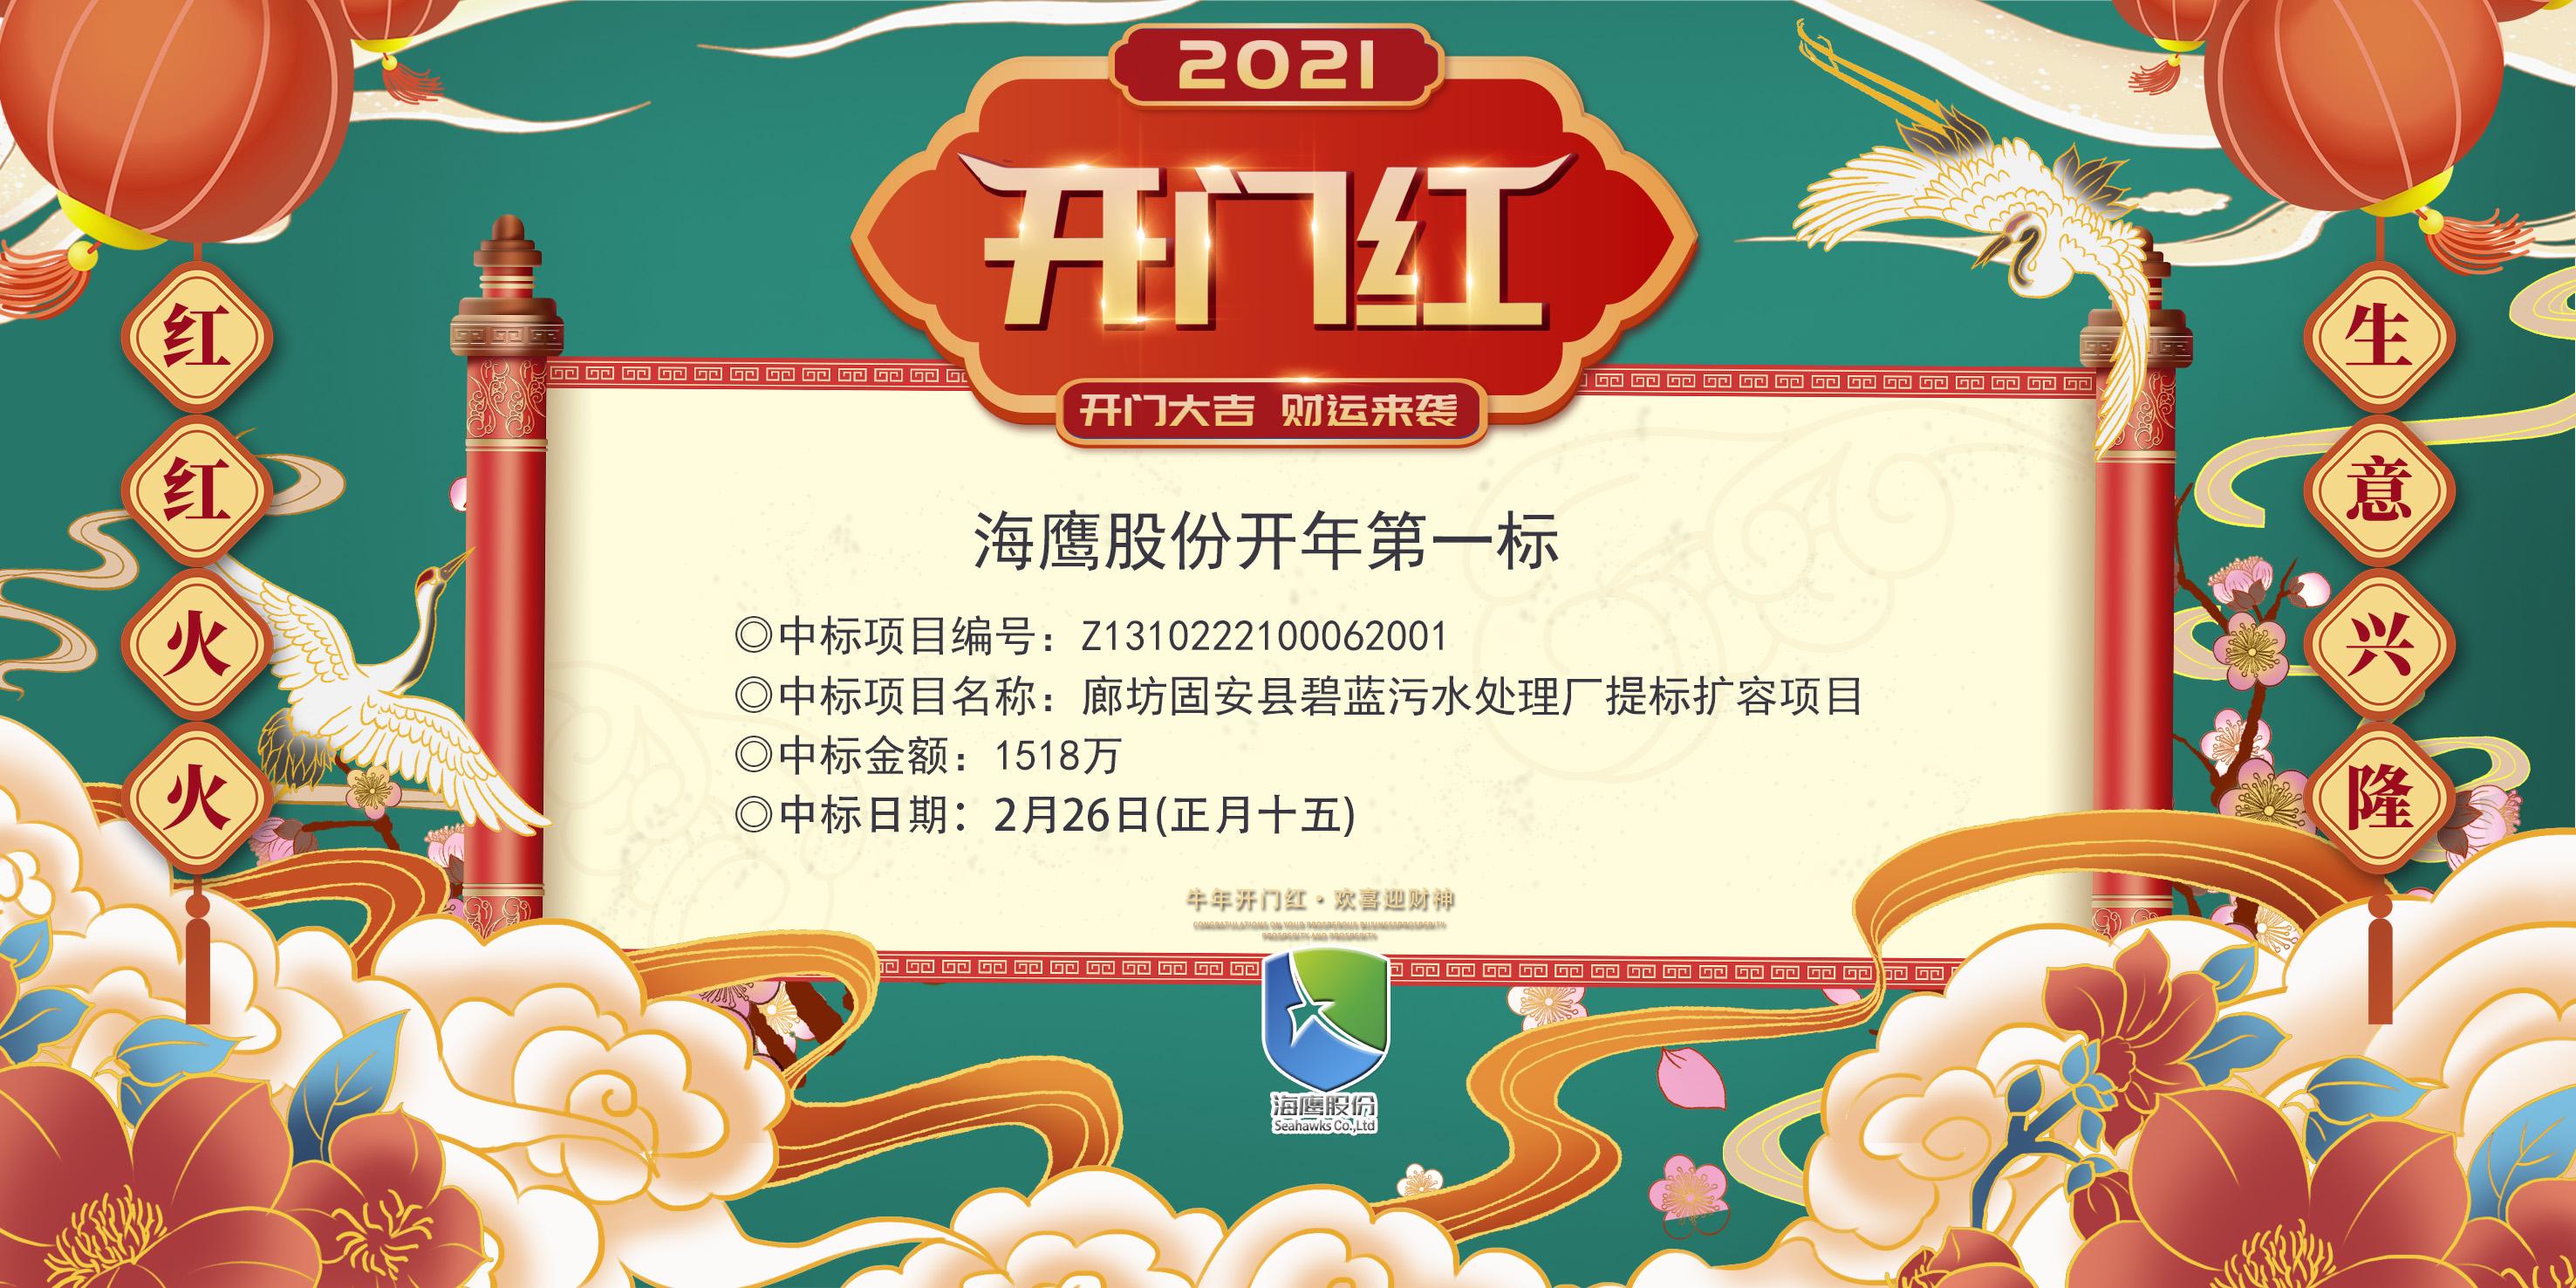 喜讯--元宵节开门红,海鹰股份新年第一标